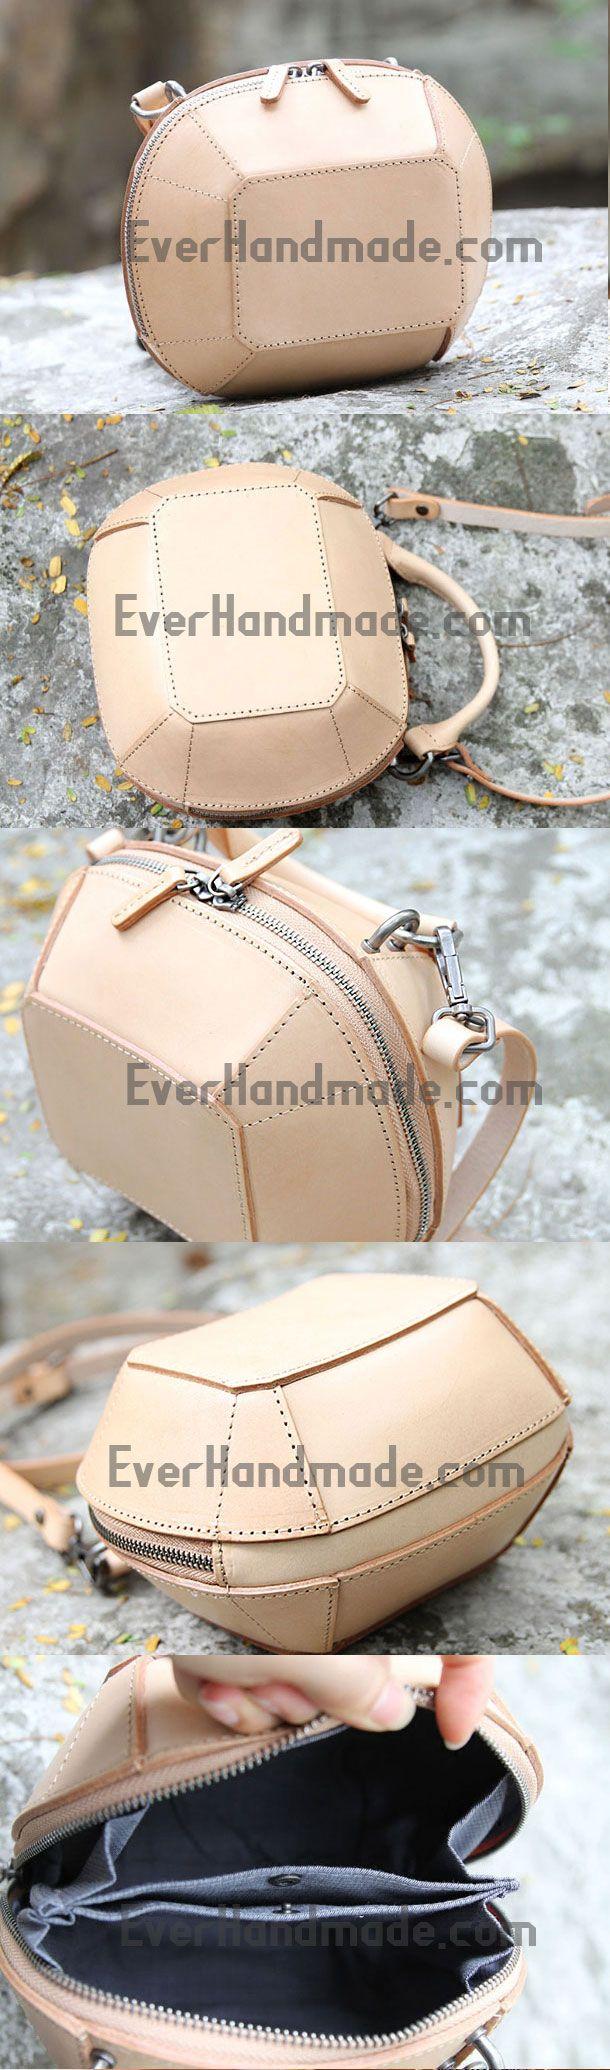 Handmade handbag purse leather crossbody bag purse shoulder bag for